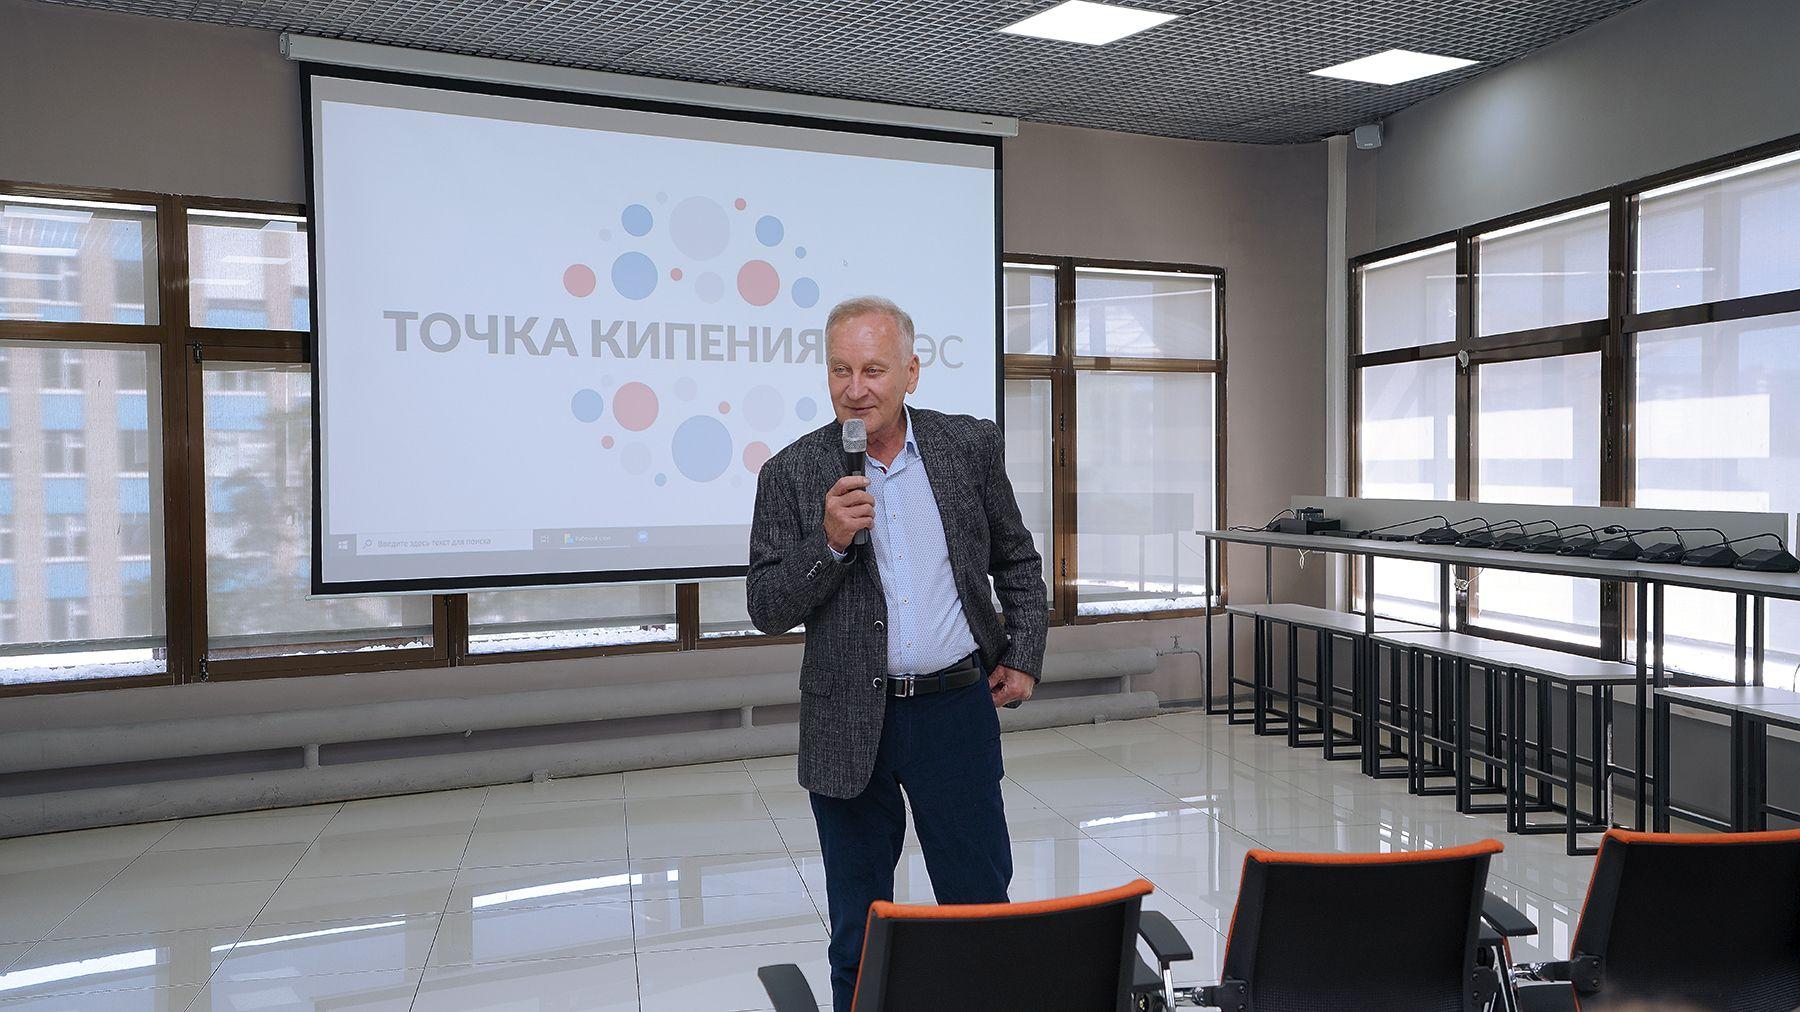 Президент ВГУЭС Геннадий Лазарев: учеба в университете – самый ответственный период в жизни